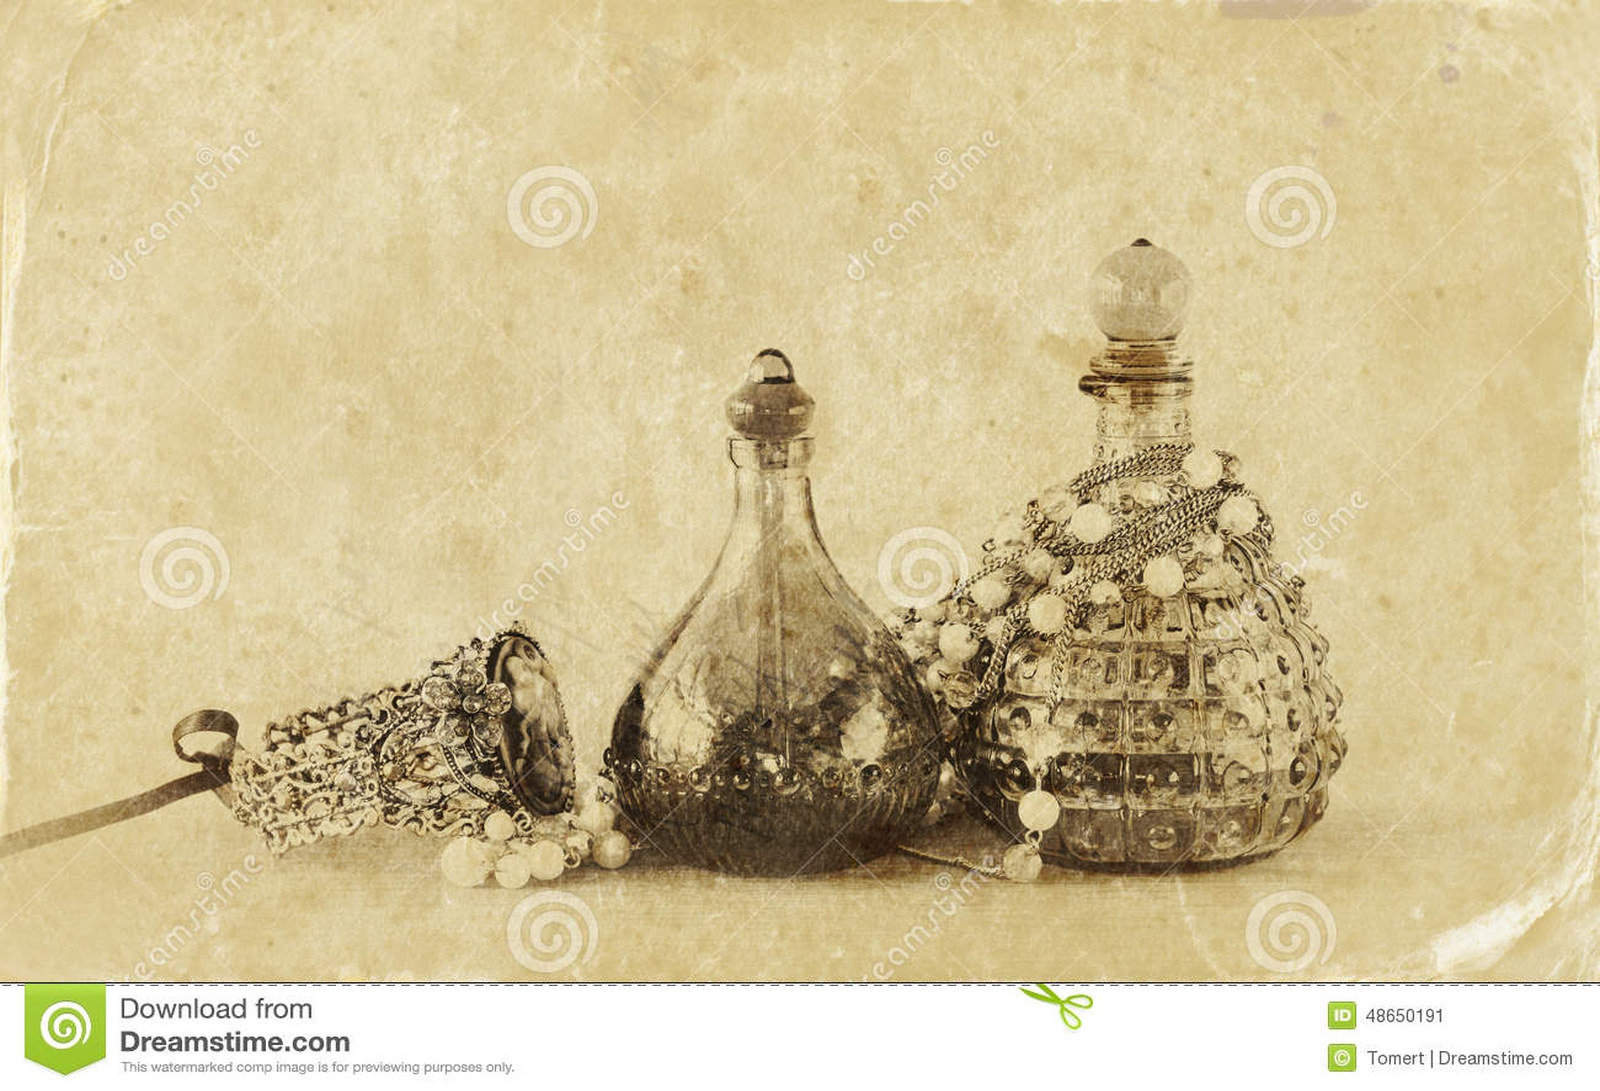 antike parf mflaschen der weinlese auf holztisch retro gefiltertes bild foto der alten art. Black Bedroom Furniture Sets. Home Design Ideas